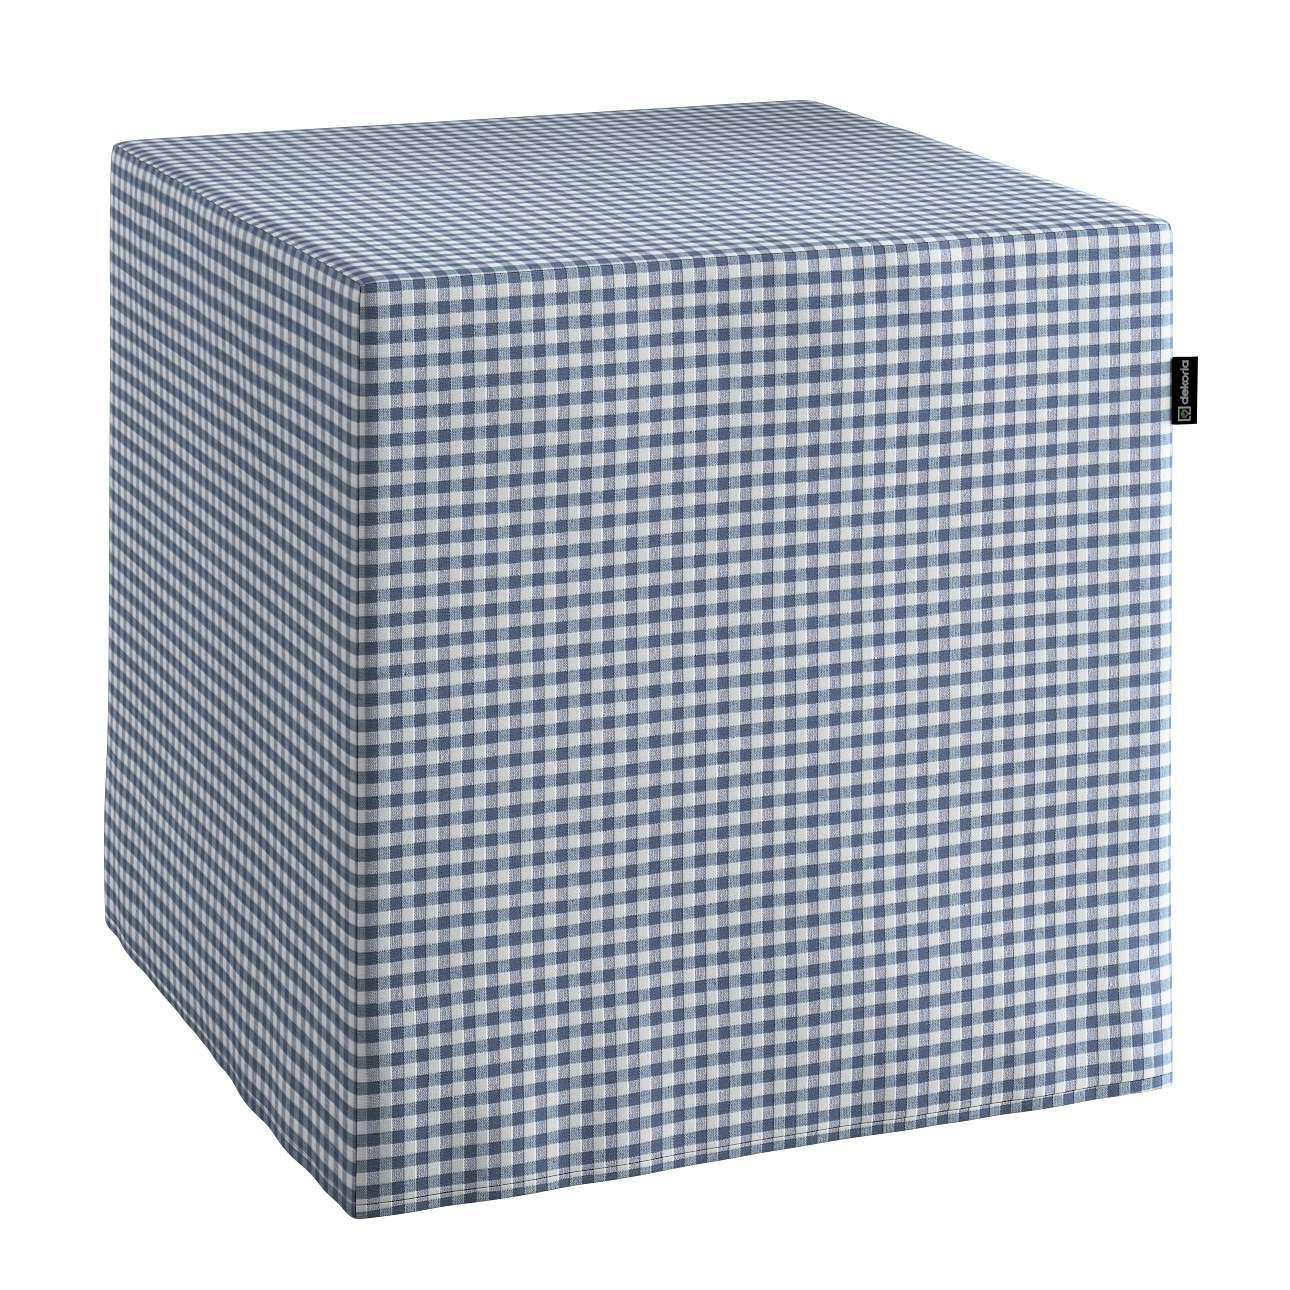 Pokrowiec na pufę kostke kostka 40x40x40 cm w kolekcji Quadro, tkanina: 136-00